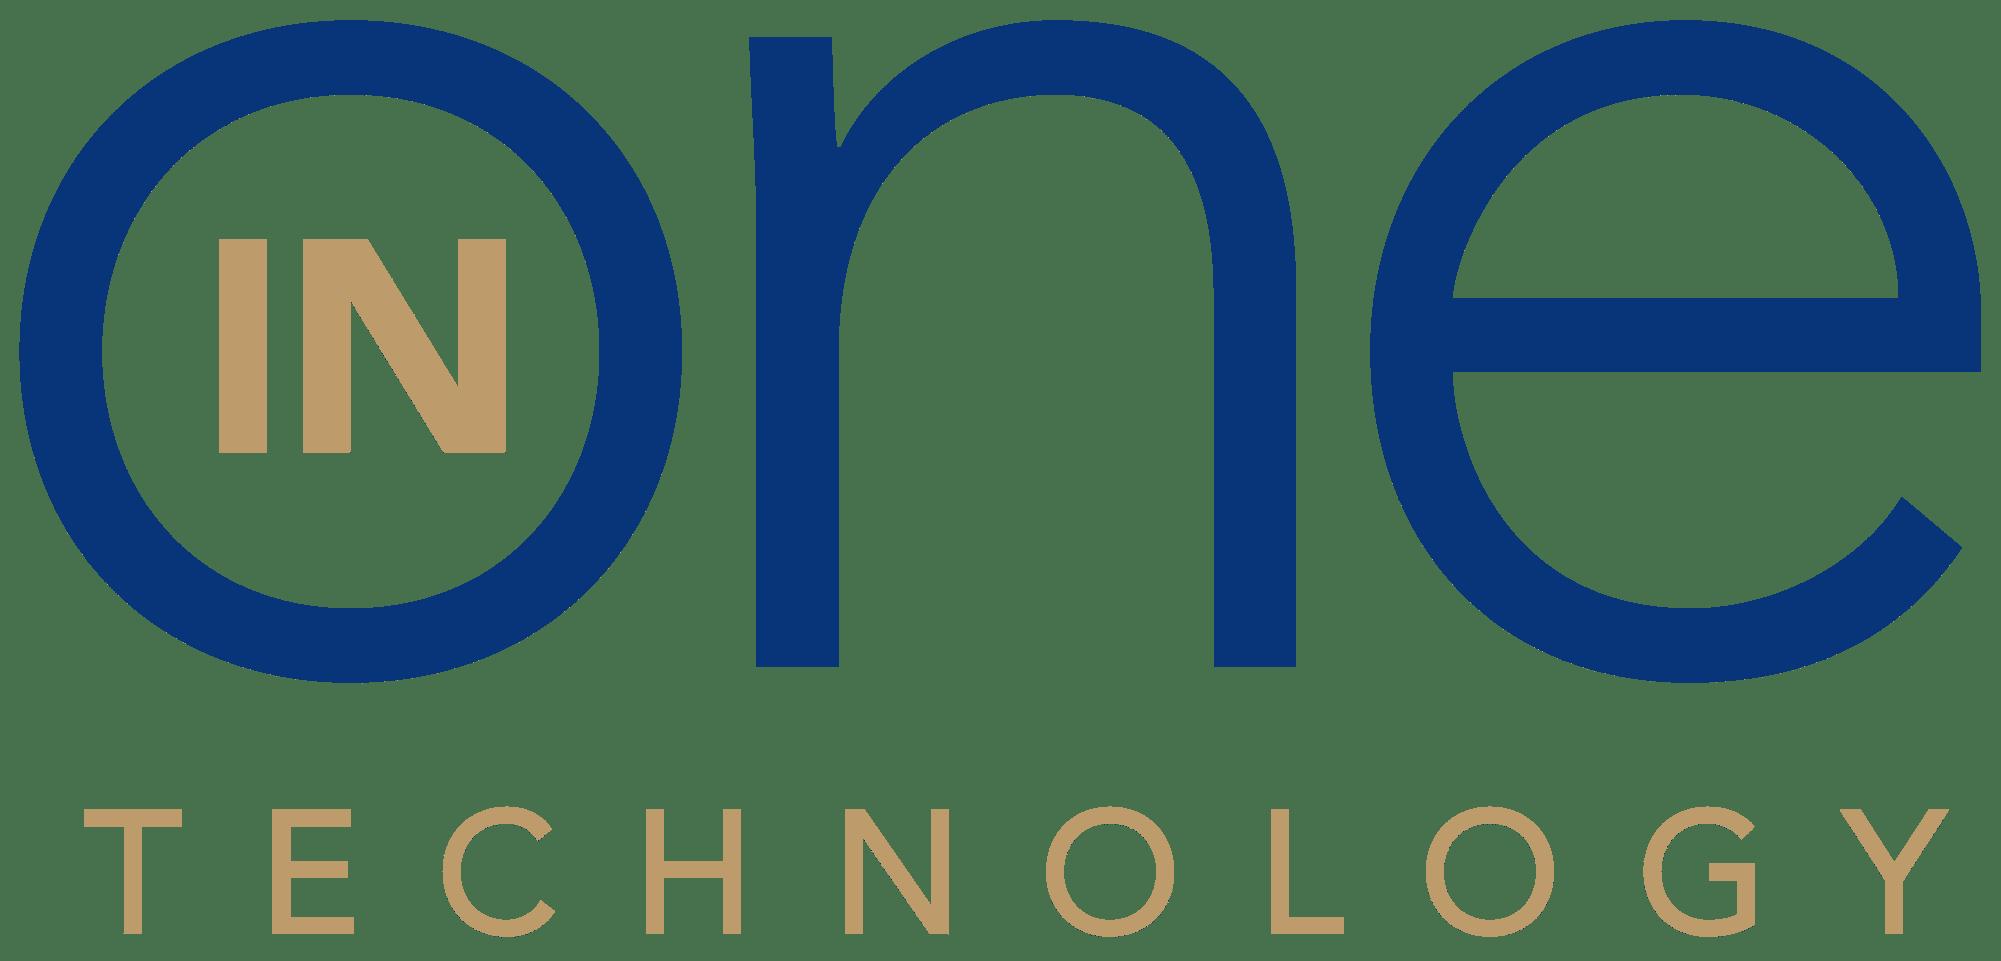 InOne Technoogies